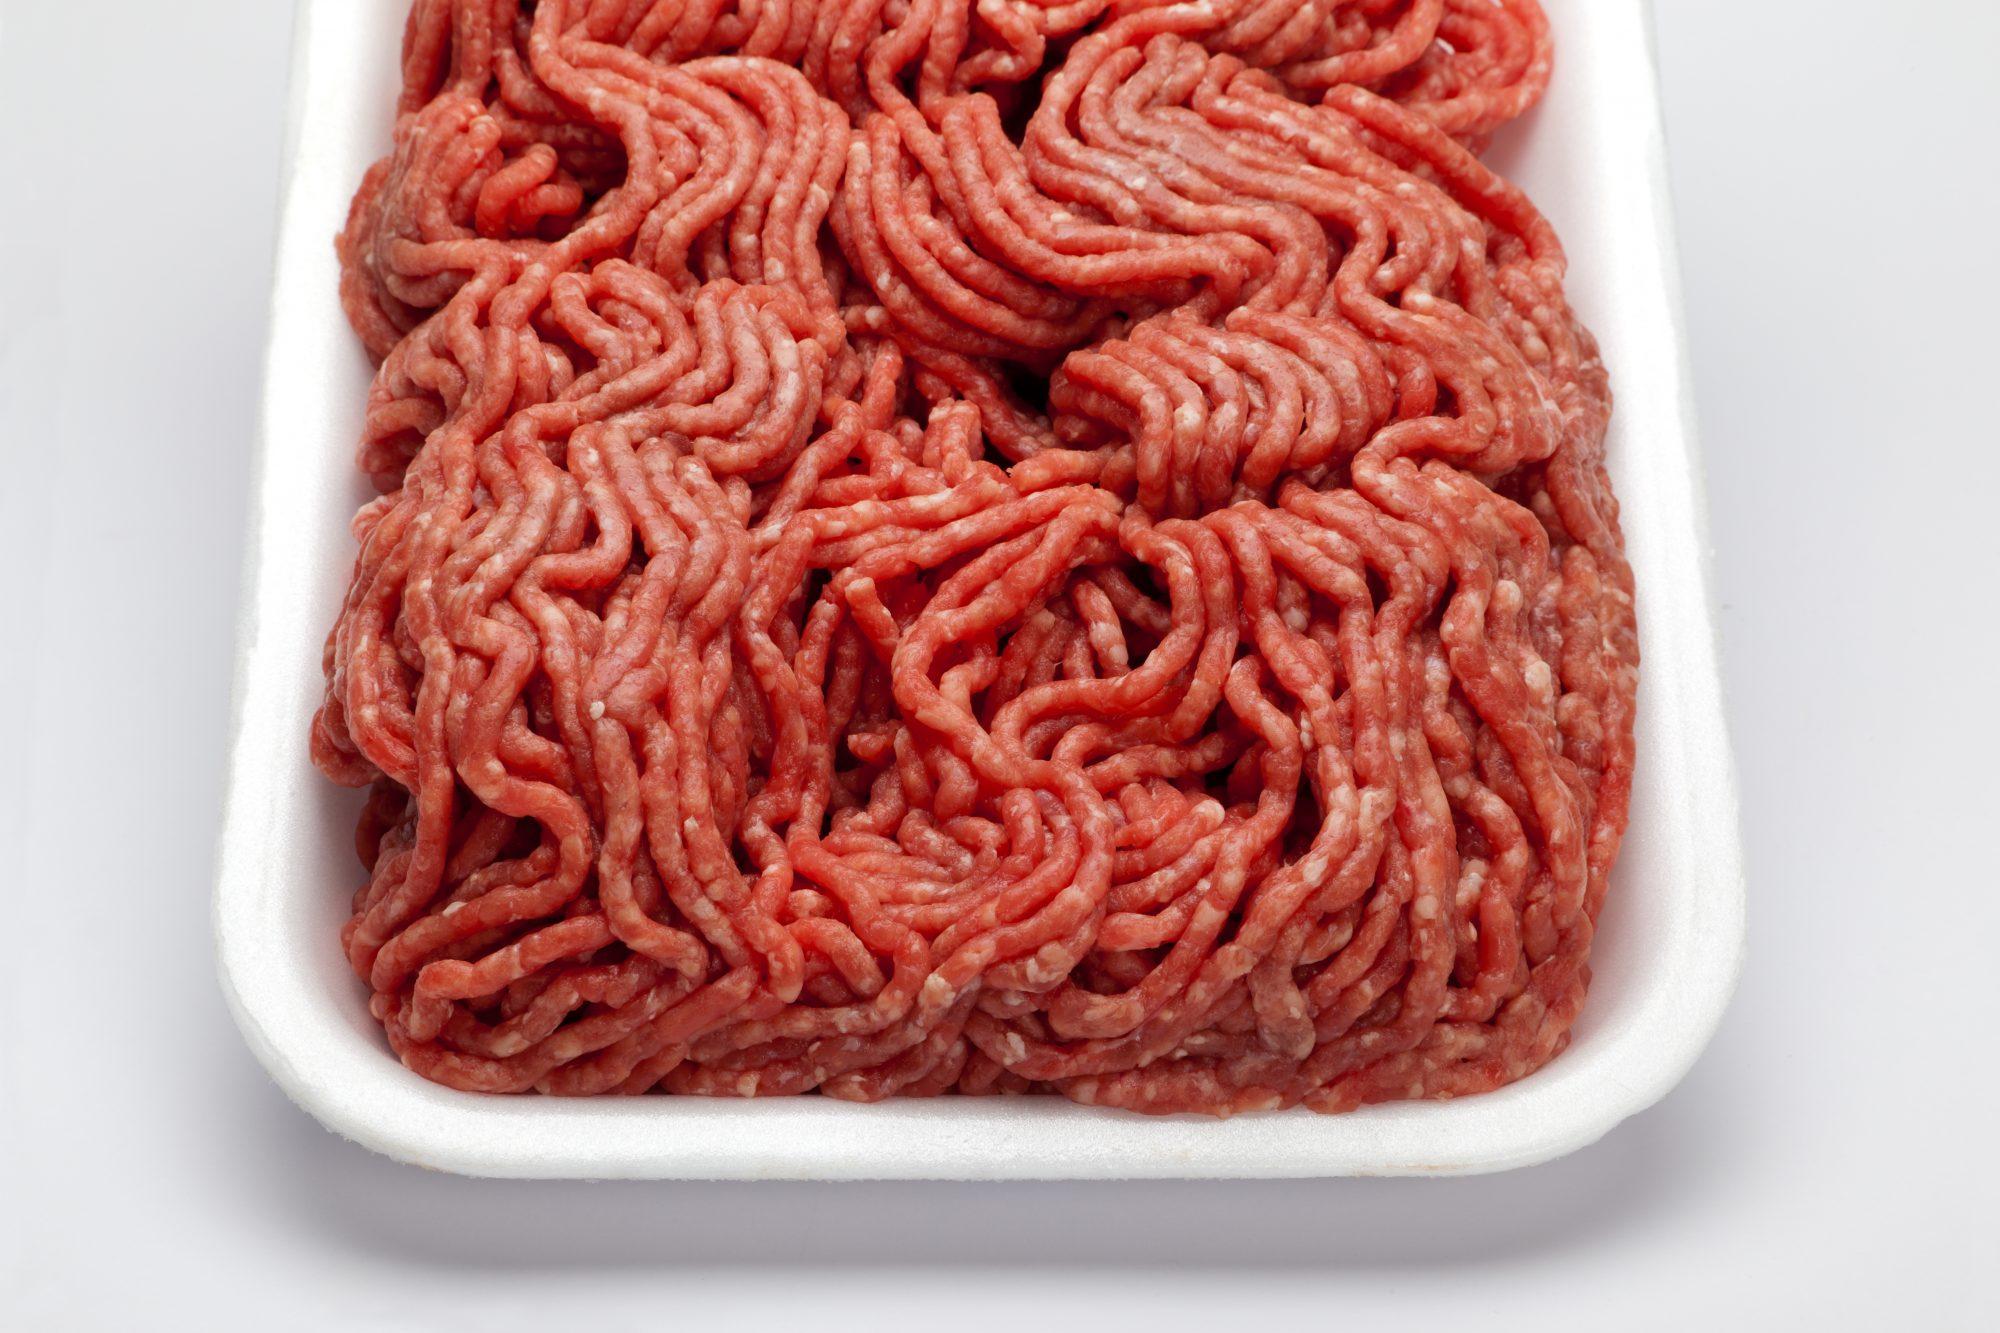 Ground beef tout Getty 7/15/20